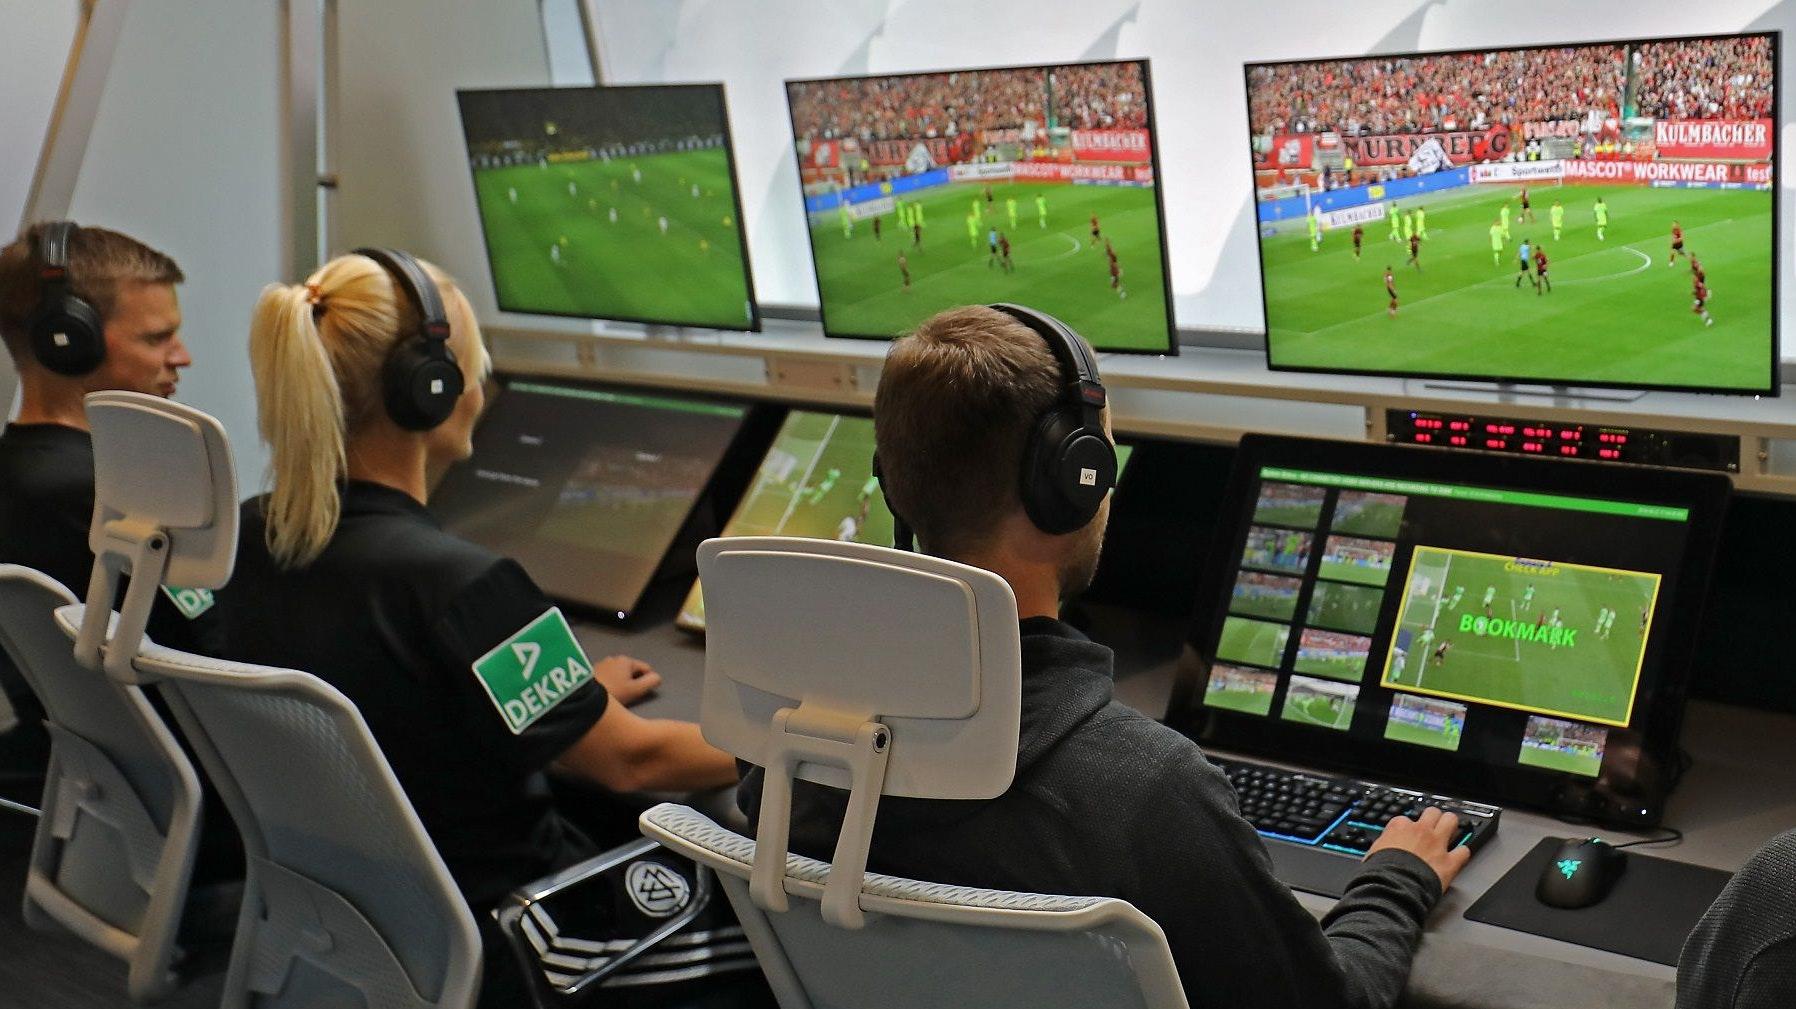 """Strenge Beobachter vor etlichen Bildschirmen: Ein Blick in das """"Video Assist Center"""" in Köln-Deutz. Foto: dpa/Berg"""